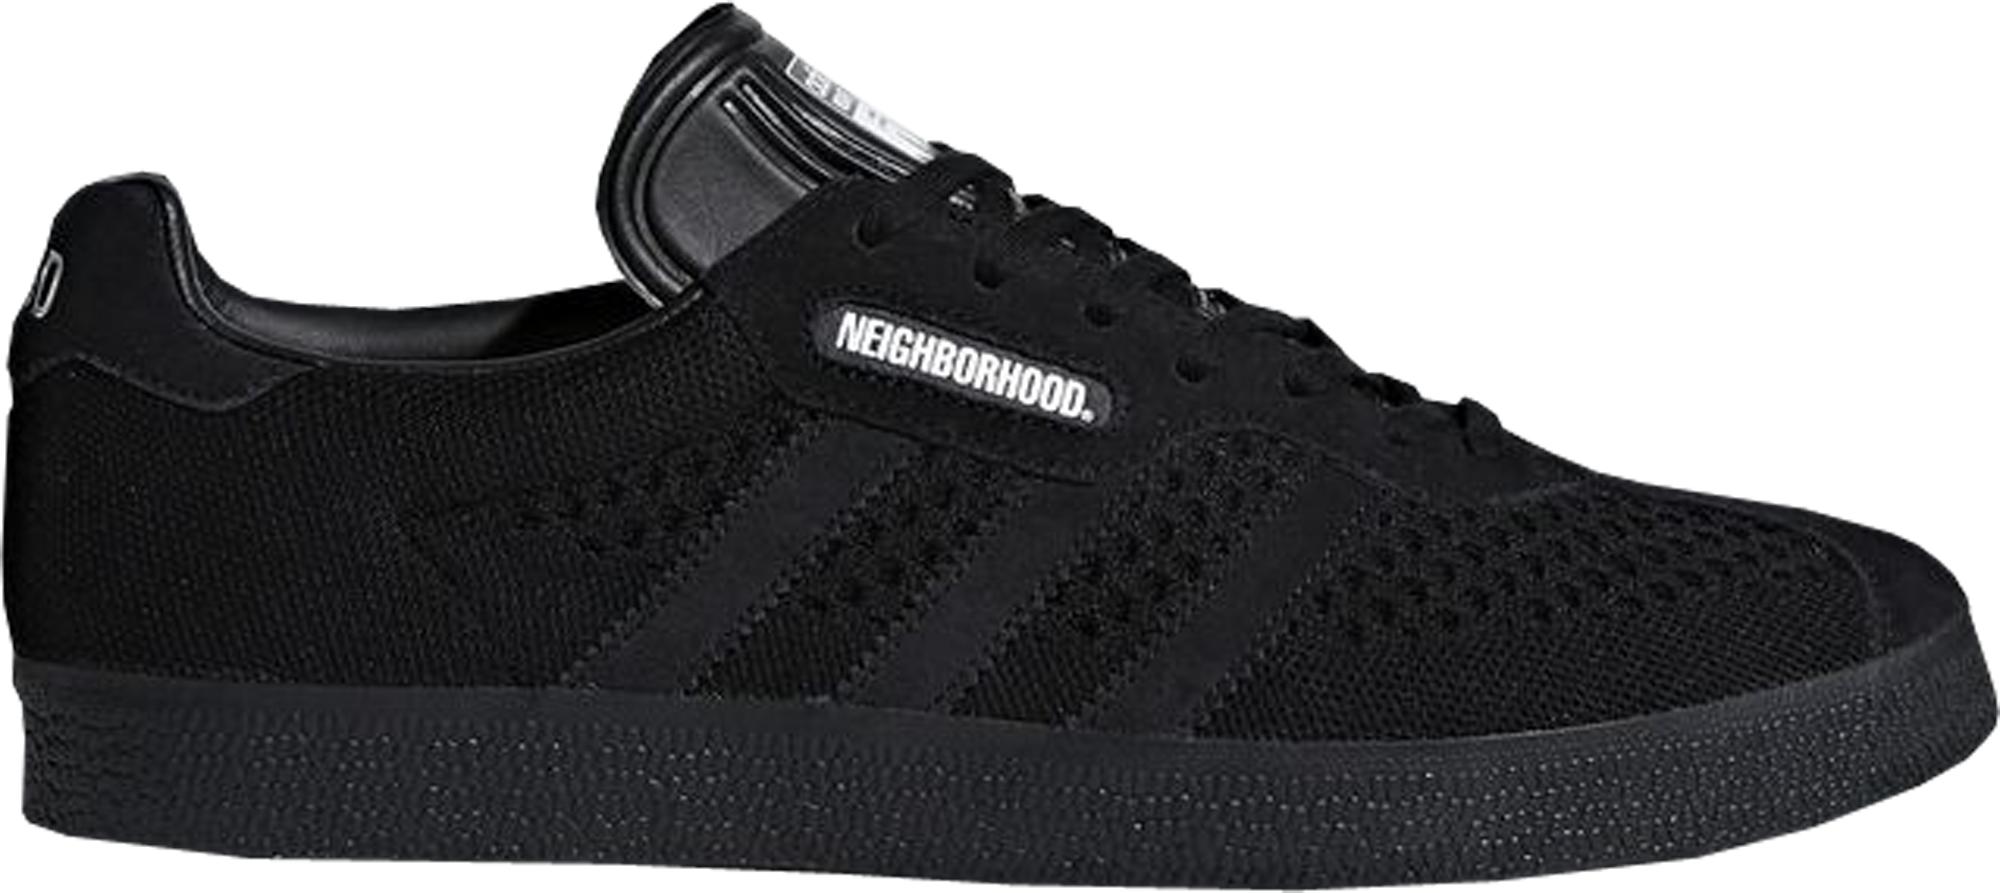 adidas Gazelle Super Neighborhood Triple Black